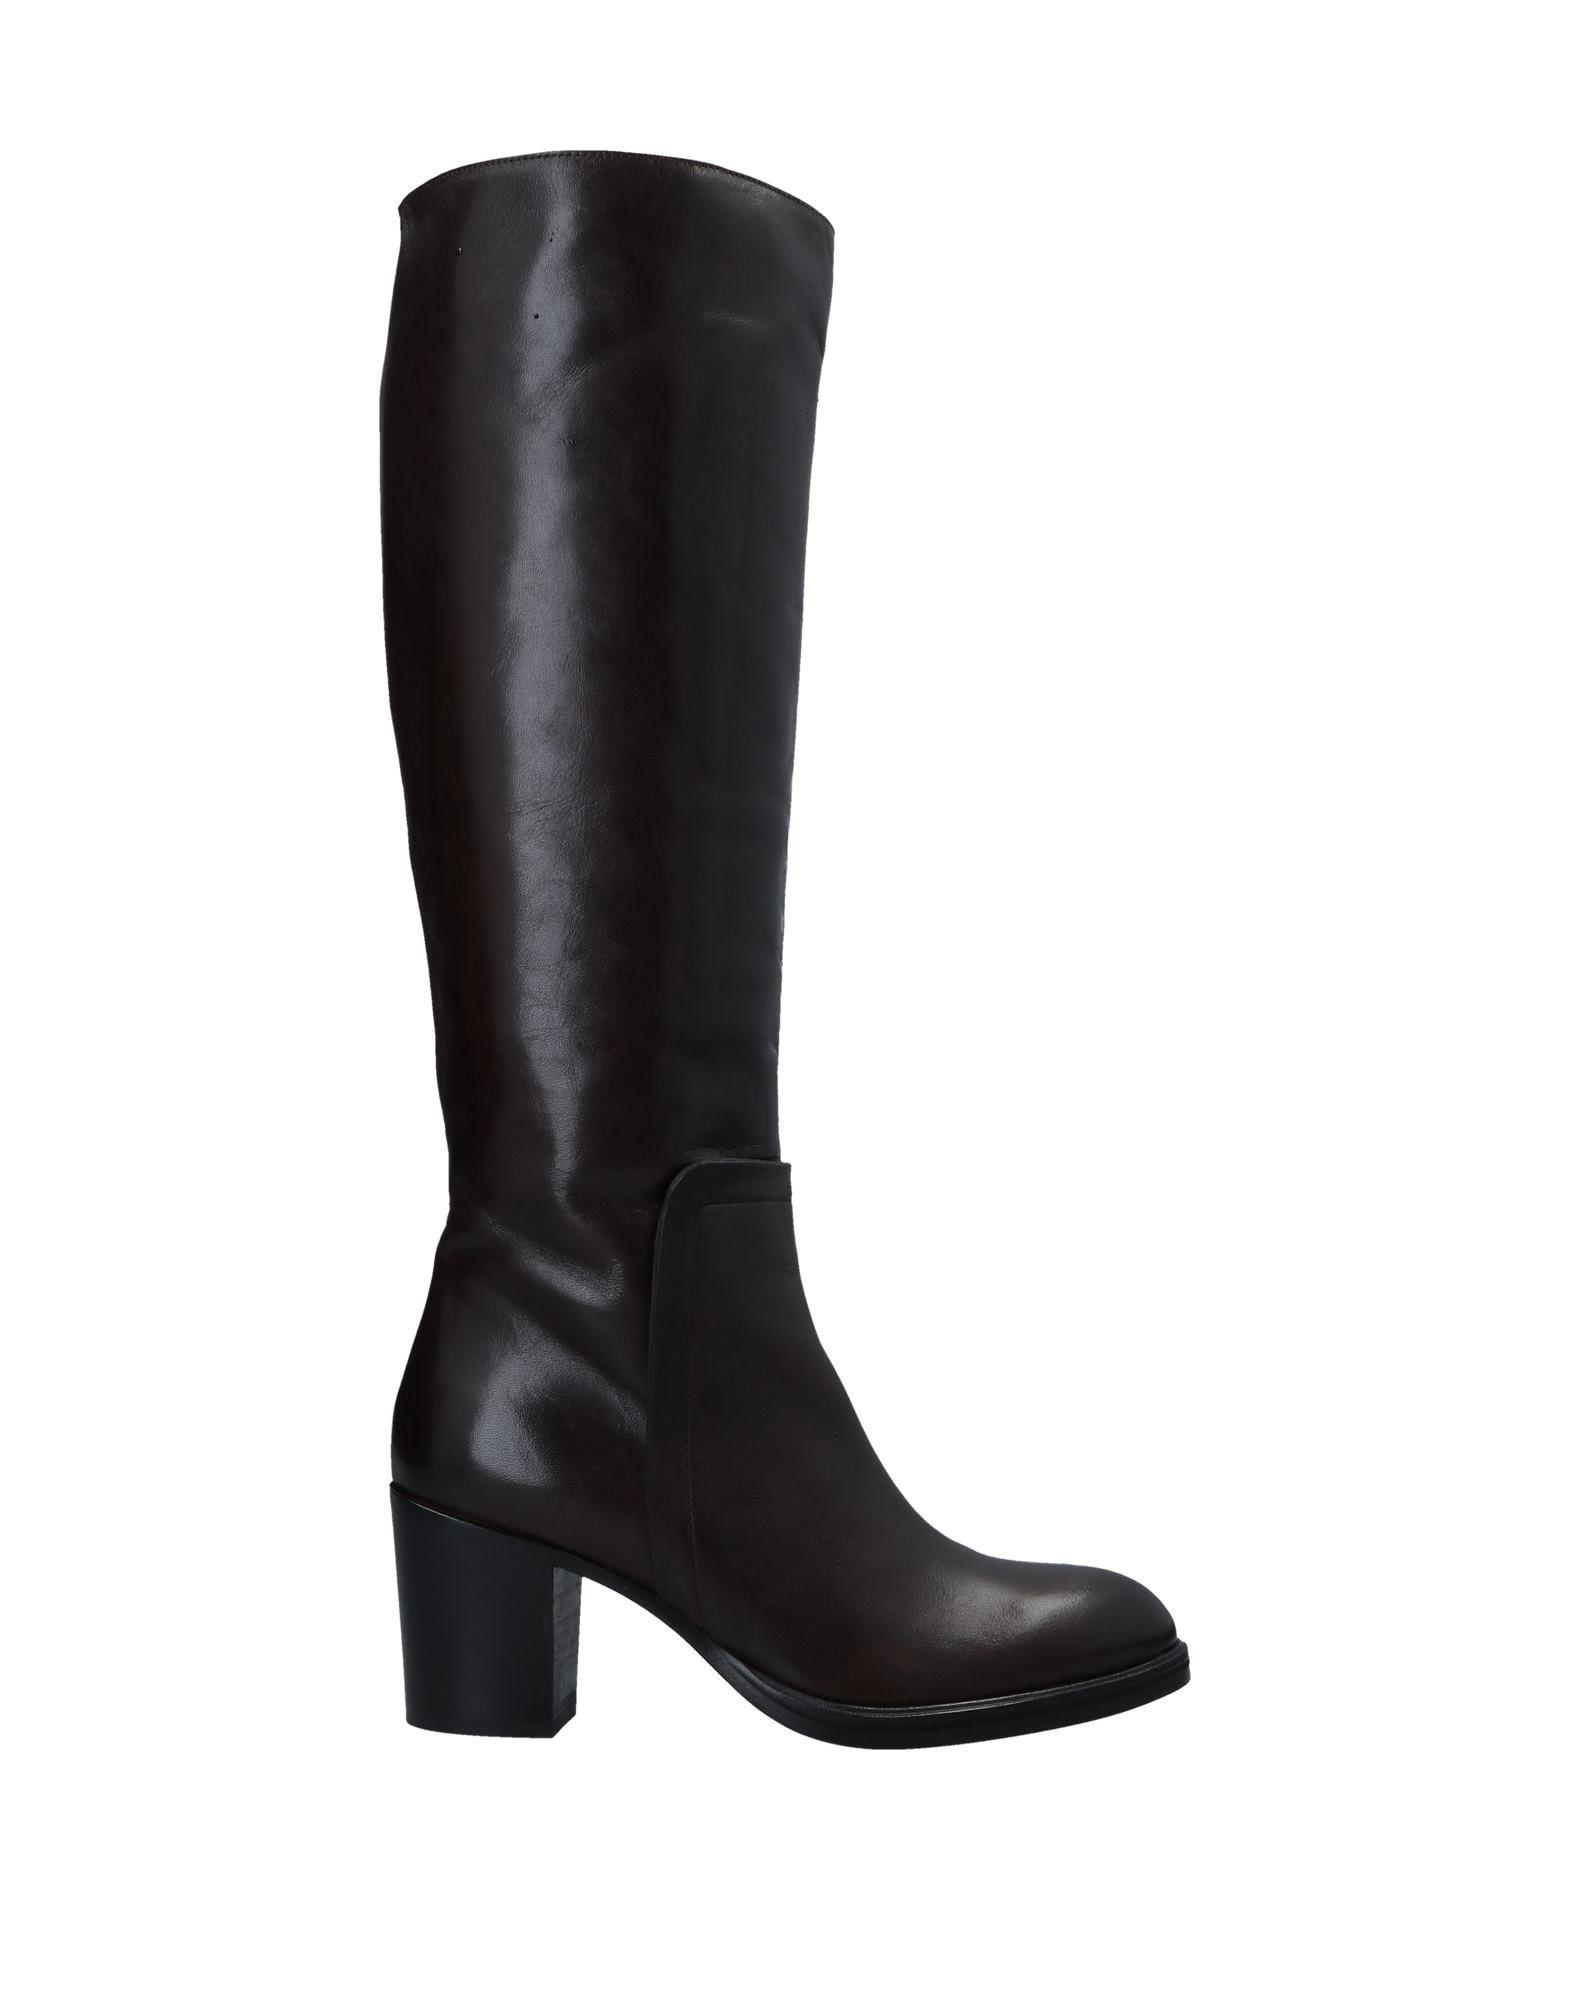 Jfk Stiefel Damen  11546916CXGut aussehende strapazierfähige Schuhe